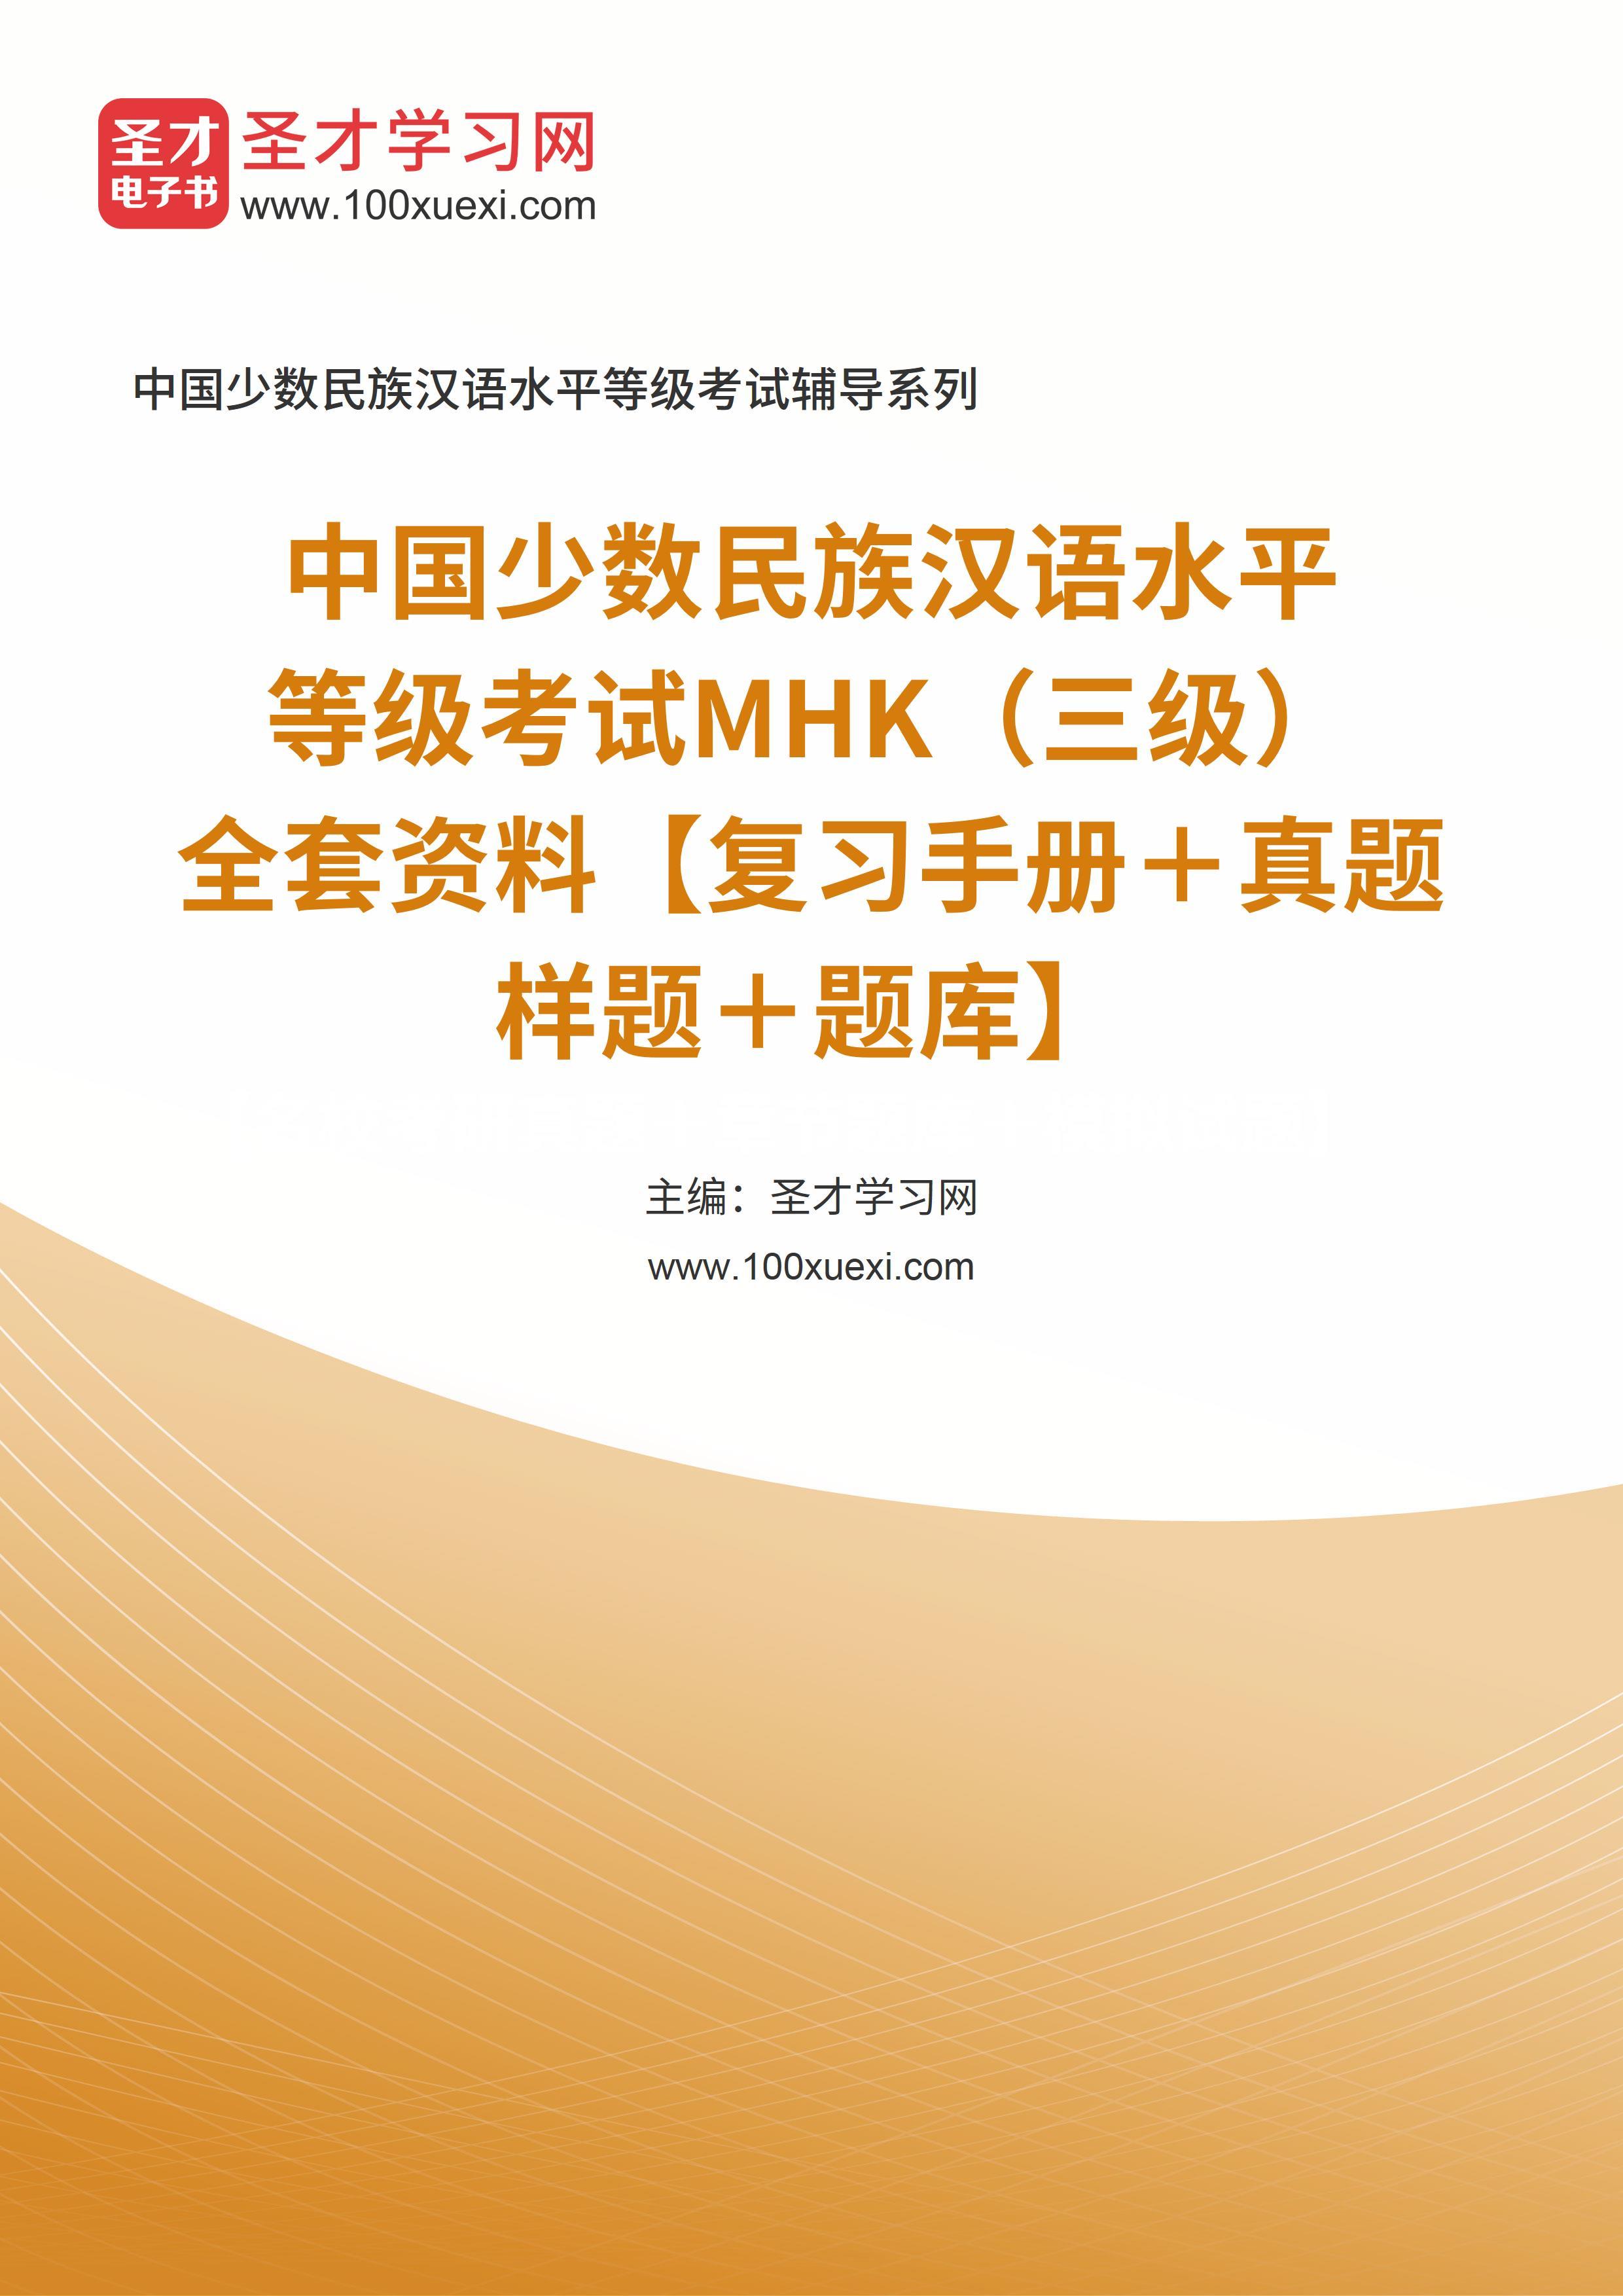 2021年中国少数民族汉语水平等级考试MHK(三级)全套资料【复习手册+真题样题+题库】